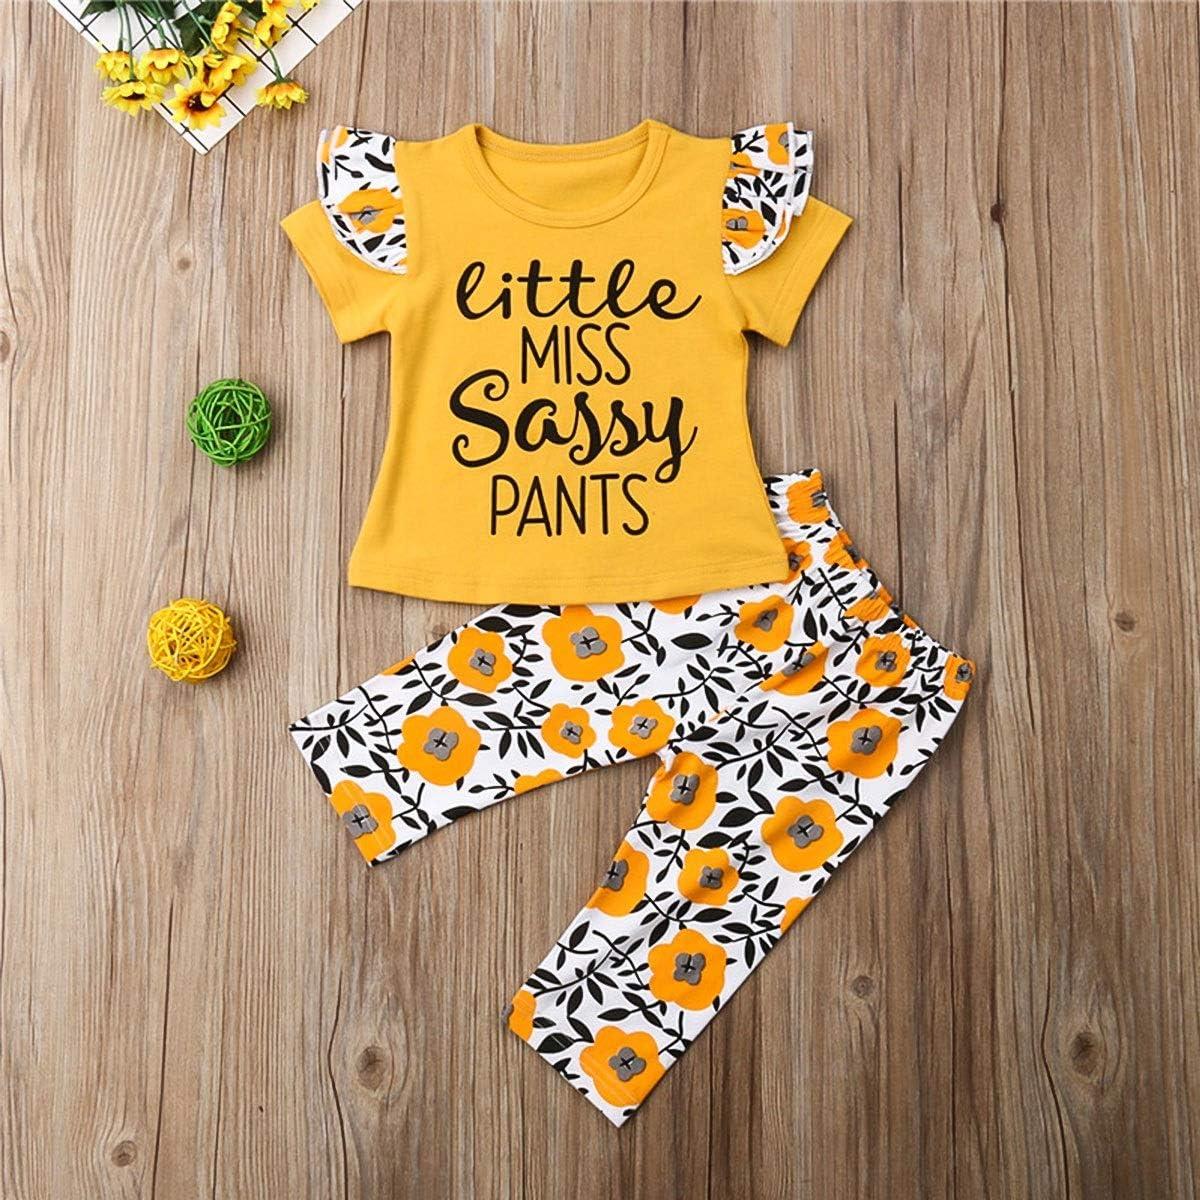 Haokaini Infant Toddler Lettre Manches Longues Chemise Fleur Pantalon Surv/êtement Shorts Ensemble pour b/éb/é filles